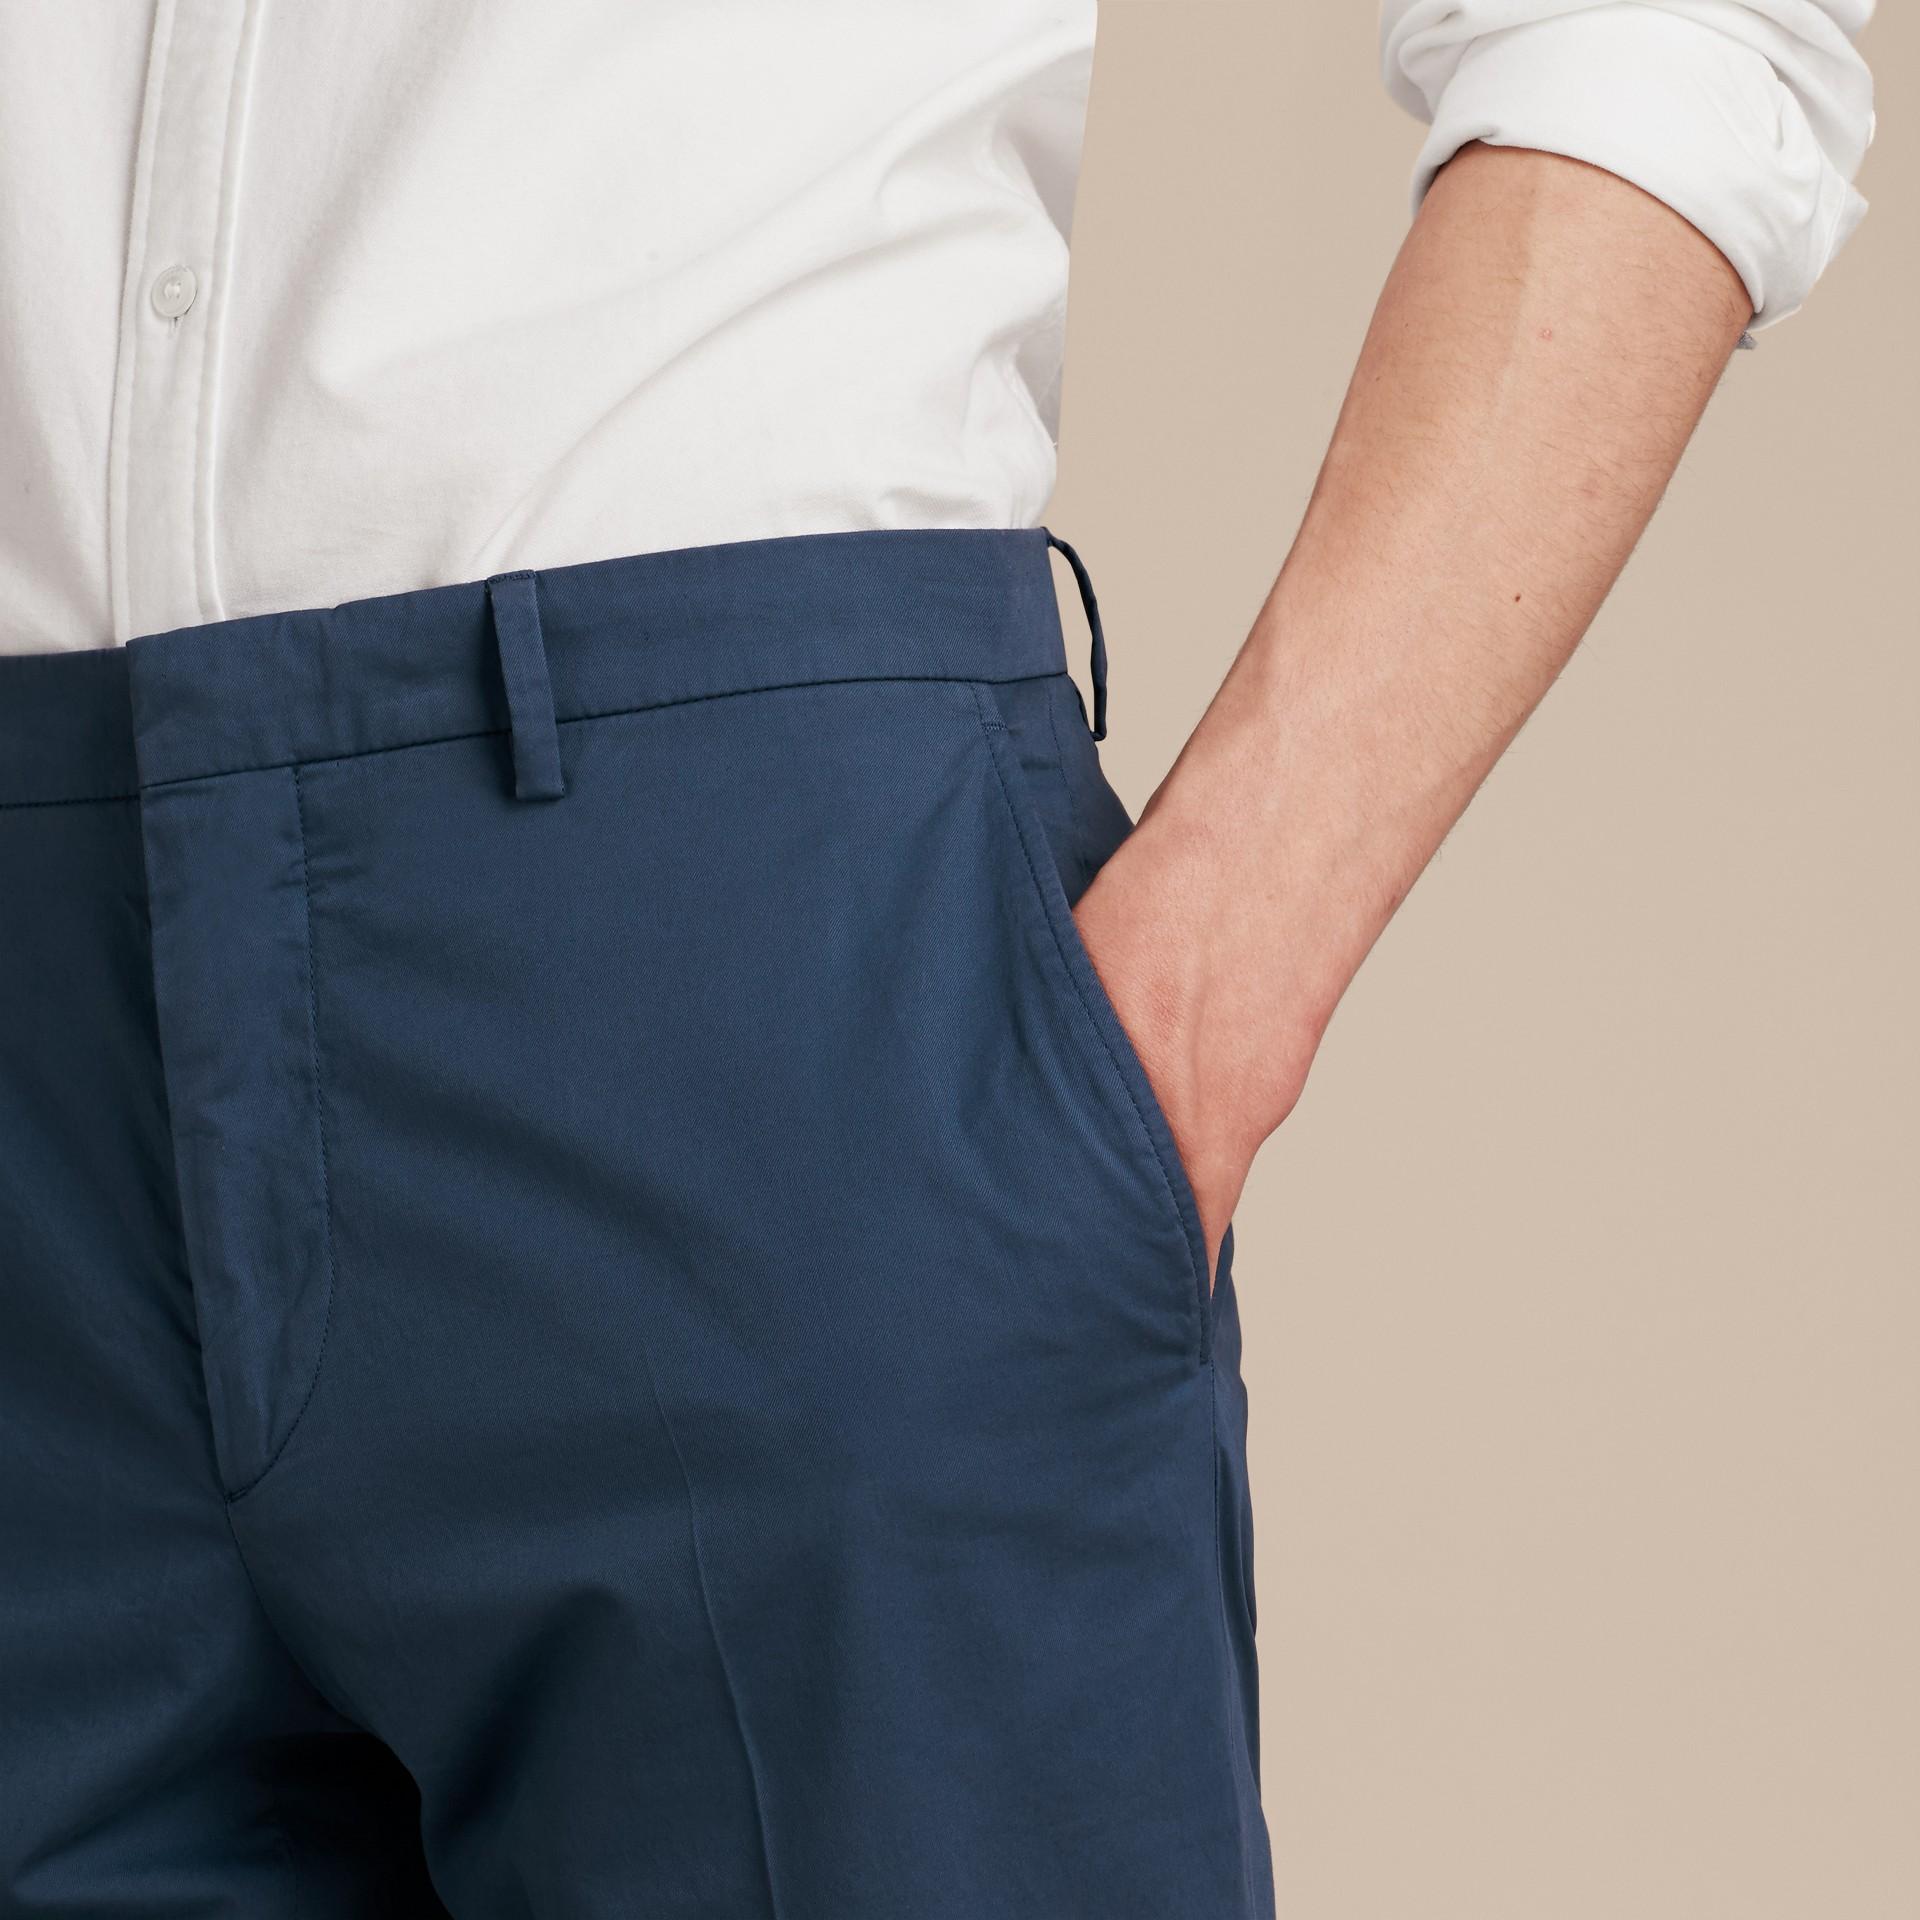 Яркий голубовато-стальной Узкие брюки из эластичной ткани Яркий Голубовато-стальной - изображение 5